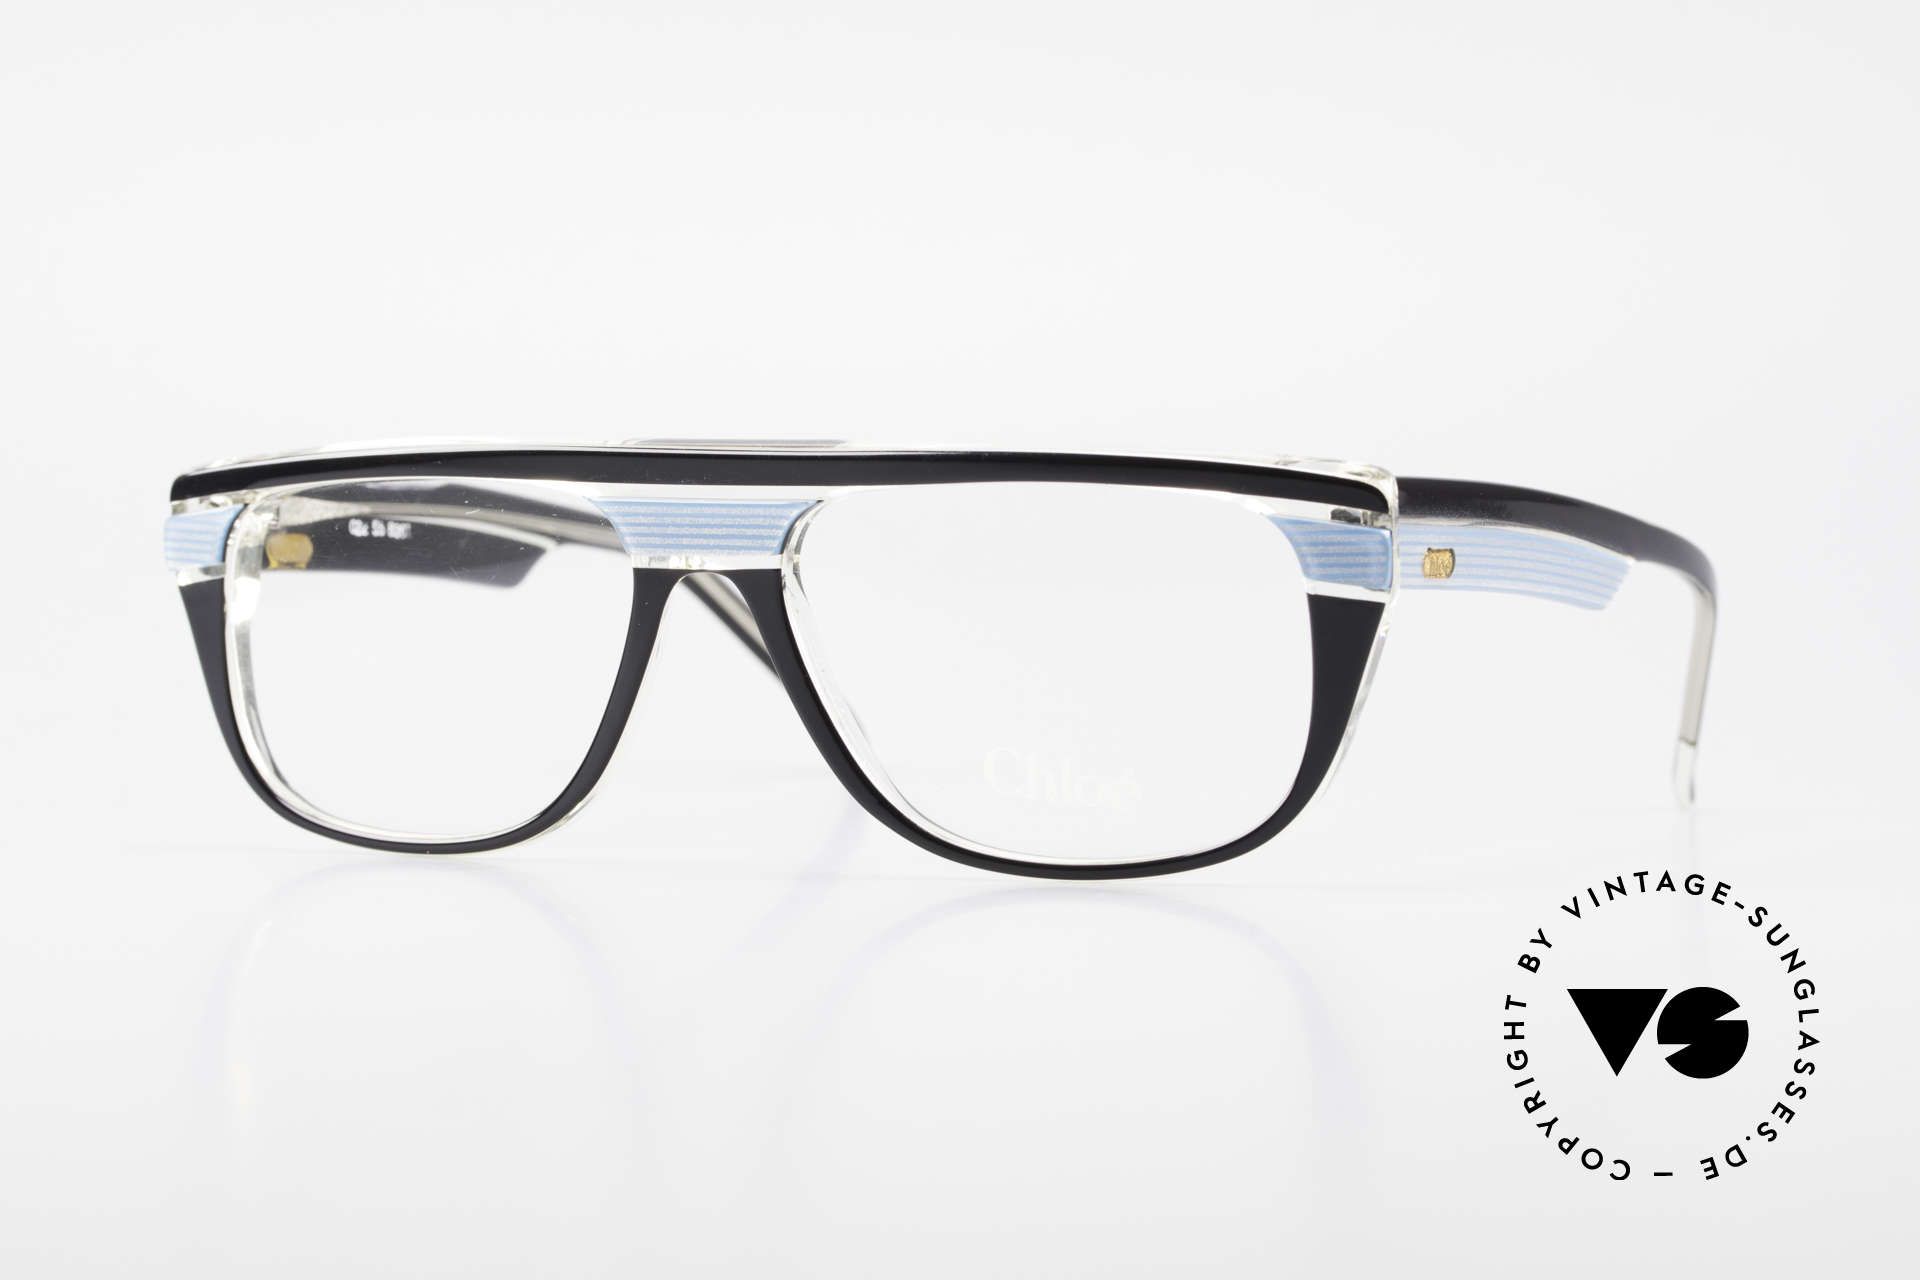 Chloe 8361 Rare Alte 80er Vintage Brille, rare vintage Designer-Brillenfassung von CHLOE, Passend für Herren und Damen